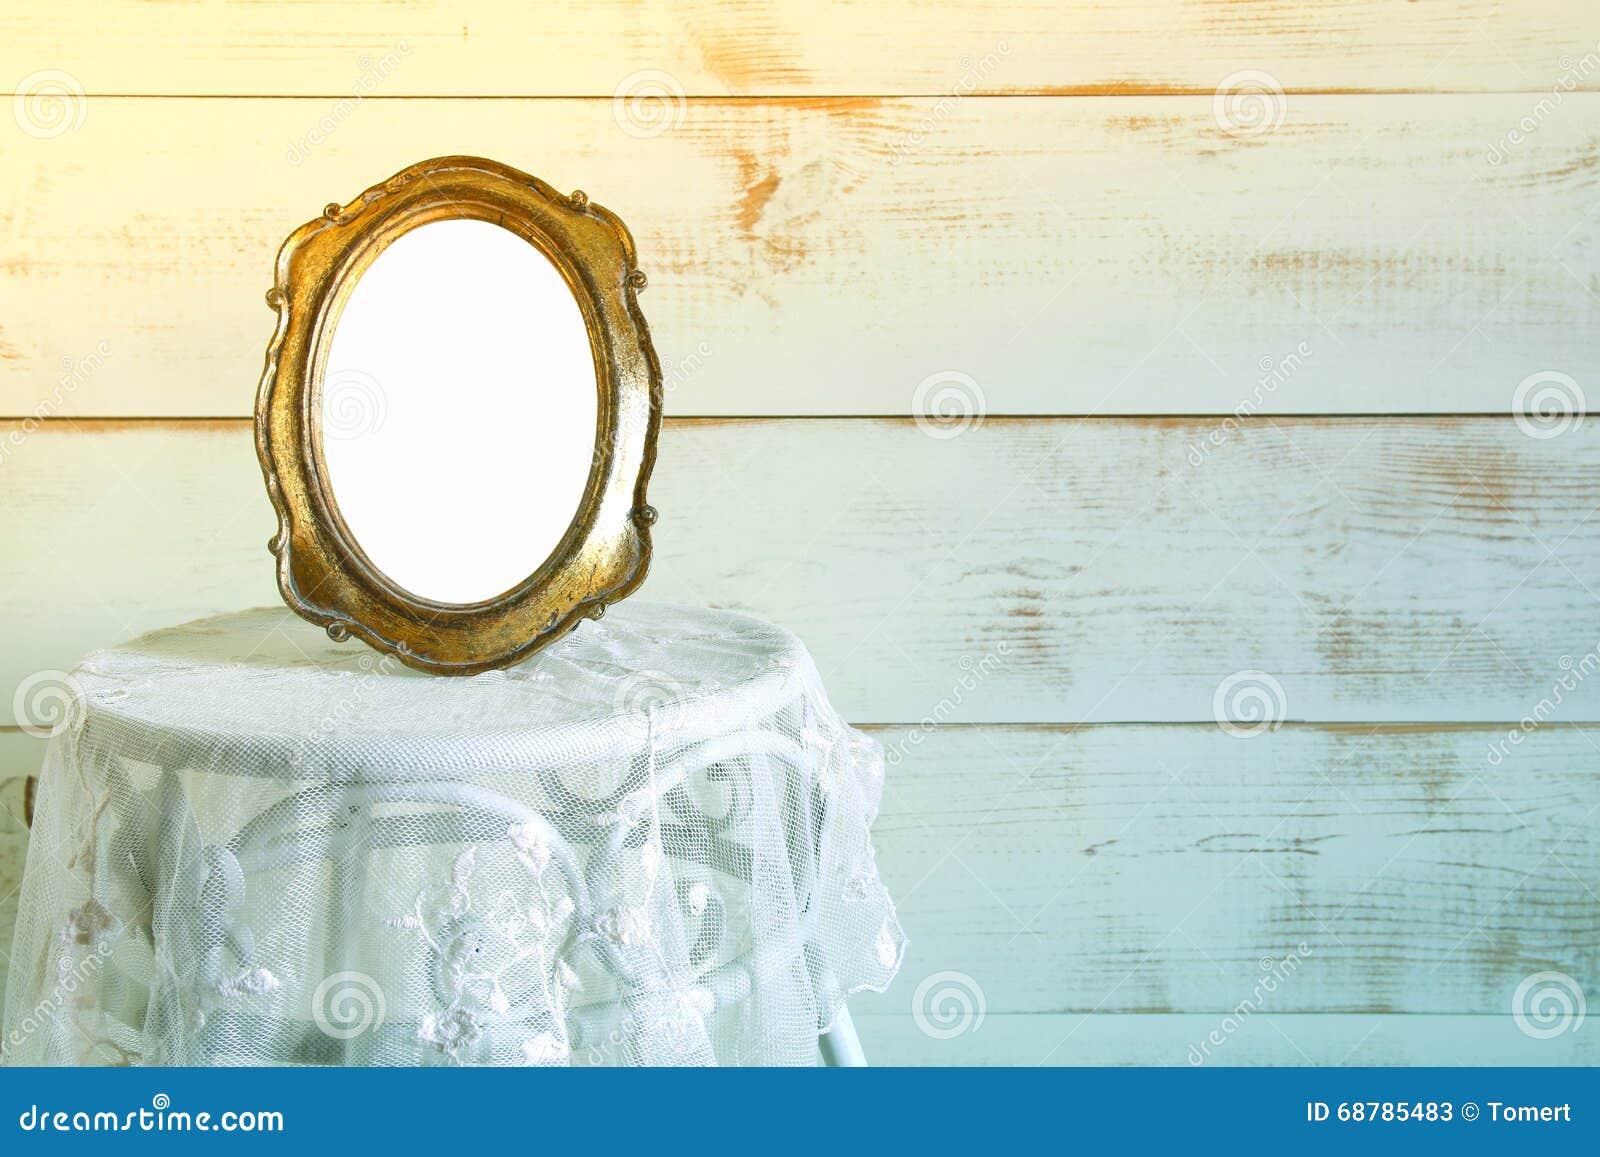 Image Pour Mettre Dans Un Cadre cadre vide antique de style de vintage sur la table de